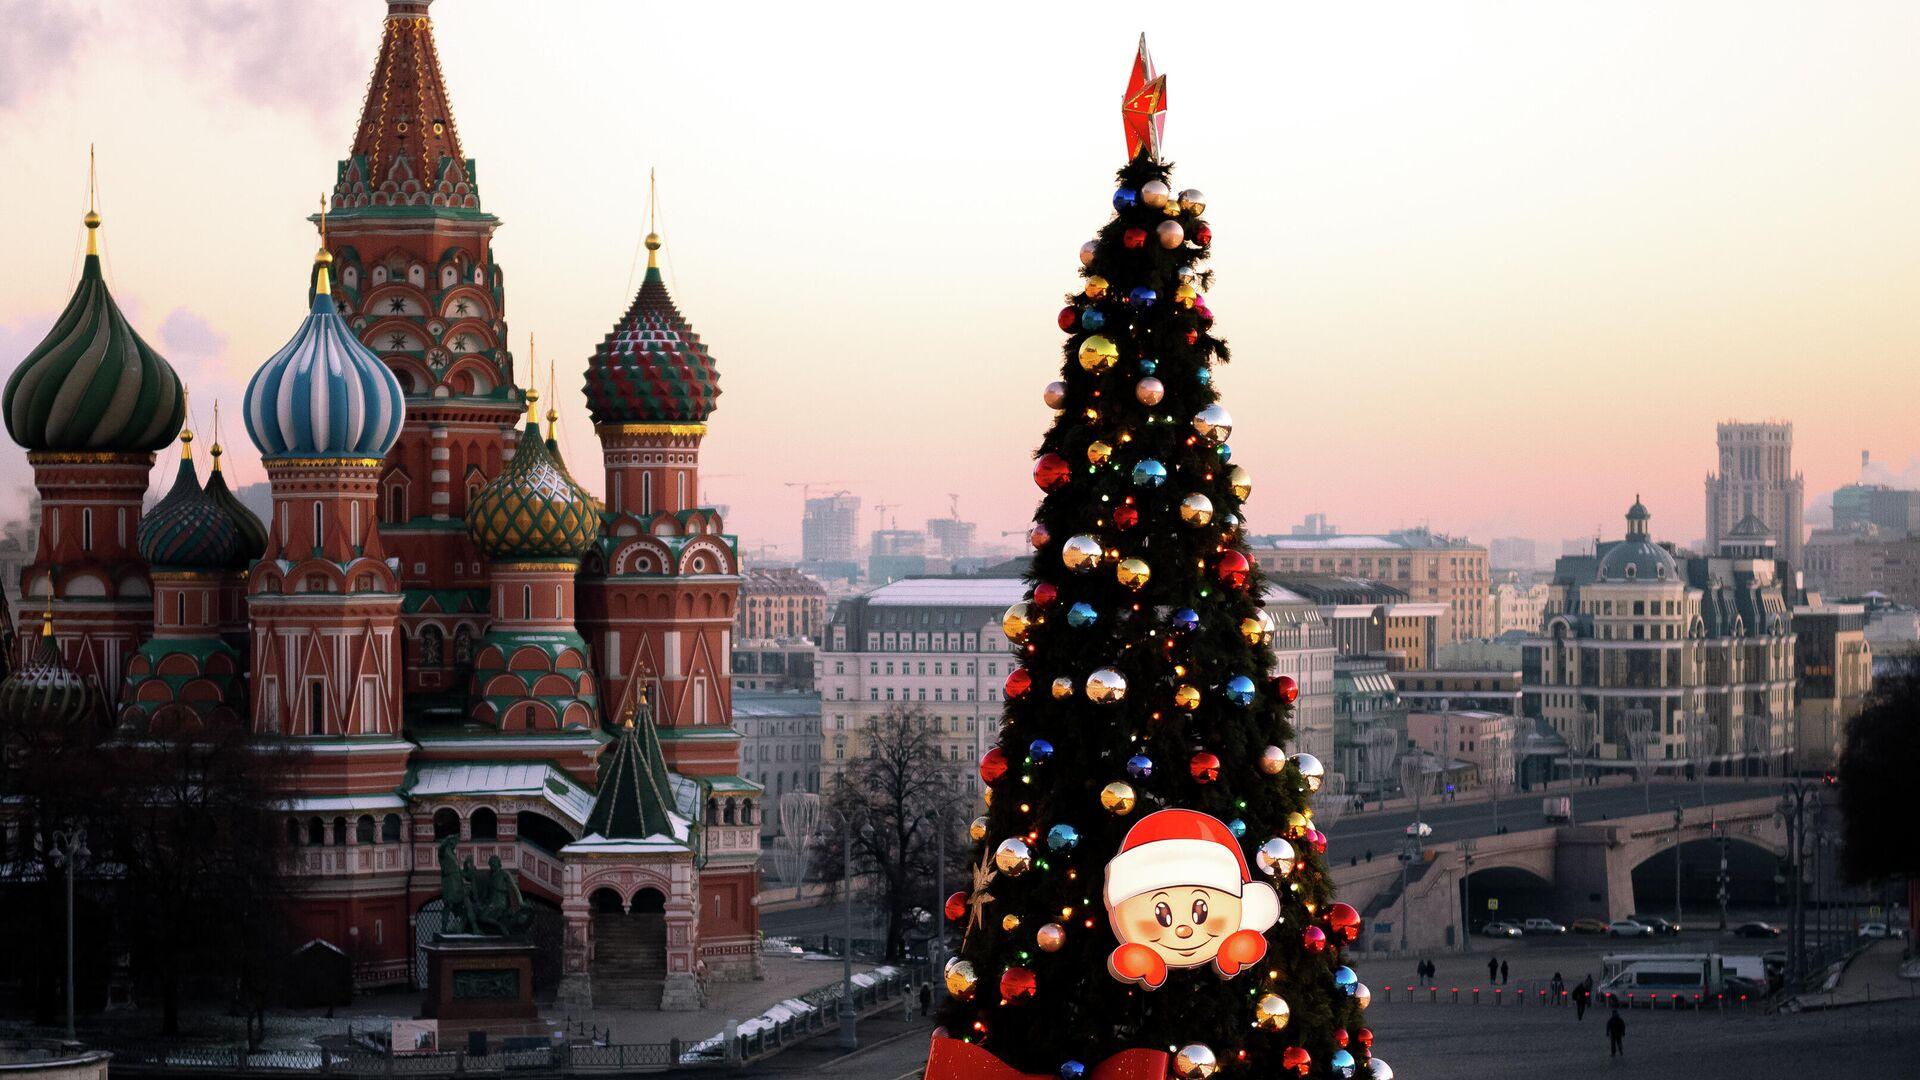 Новогодняя ёлка на Красной площади в Москве - РИА Новости, 1920, 11.12.2020